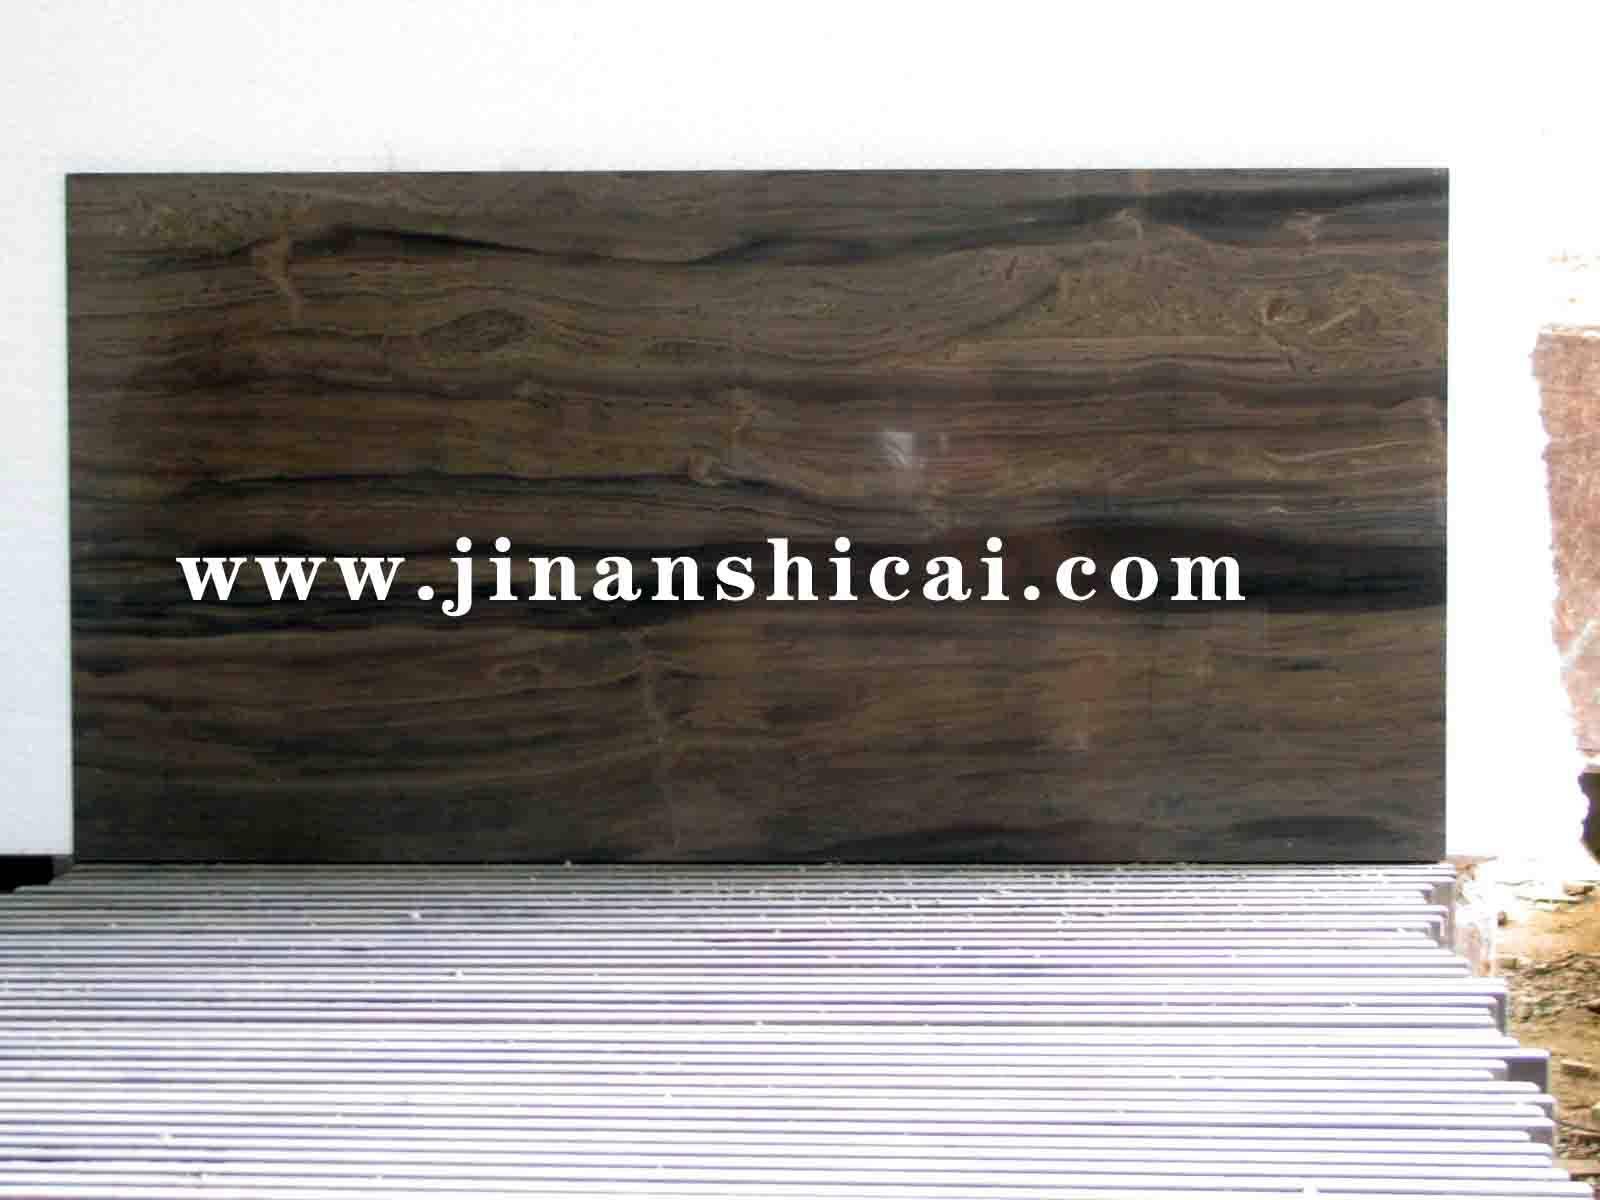 饰面板材,台面板,装饰石材,板材,灰木纹,别墅装饰石材,高档装饰石材